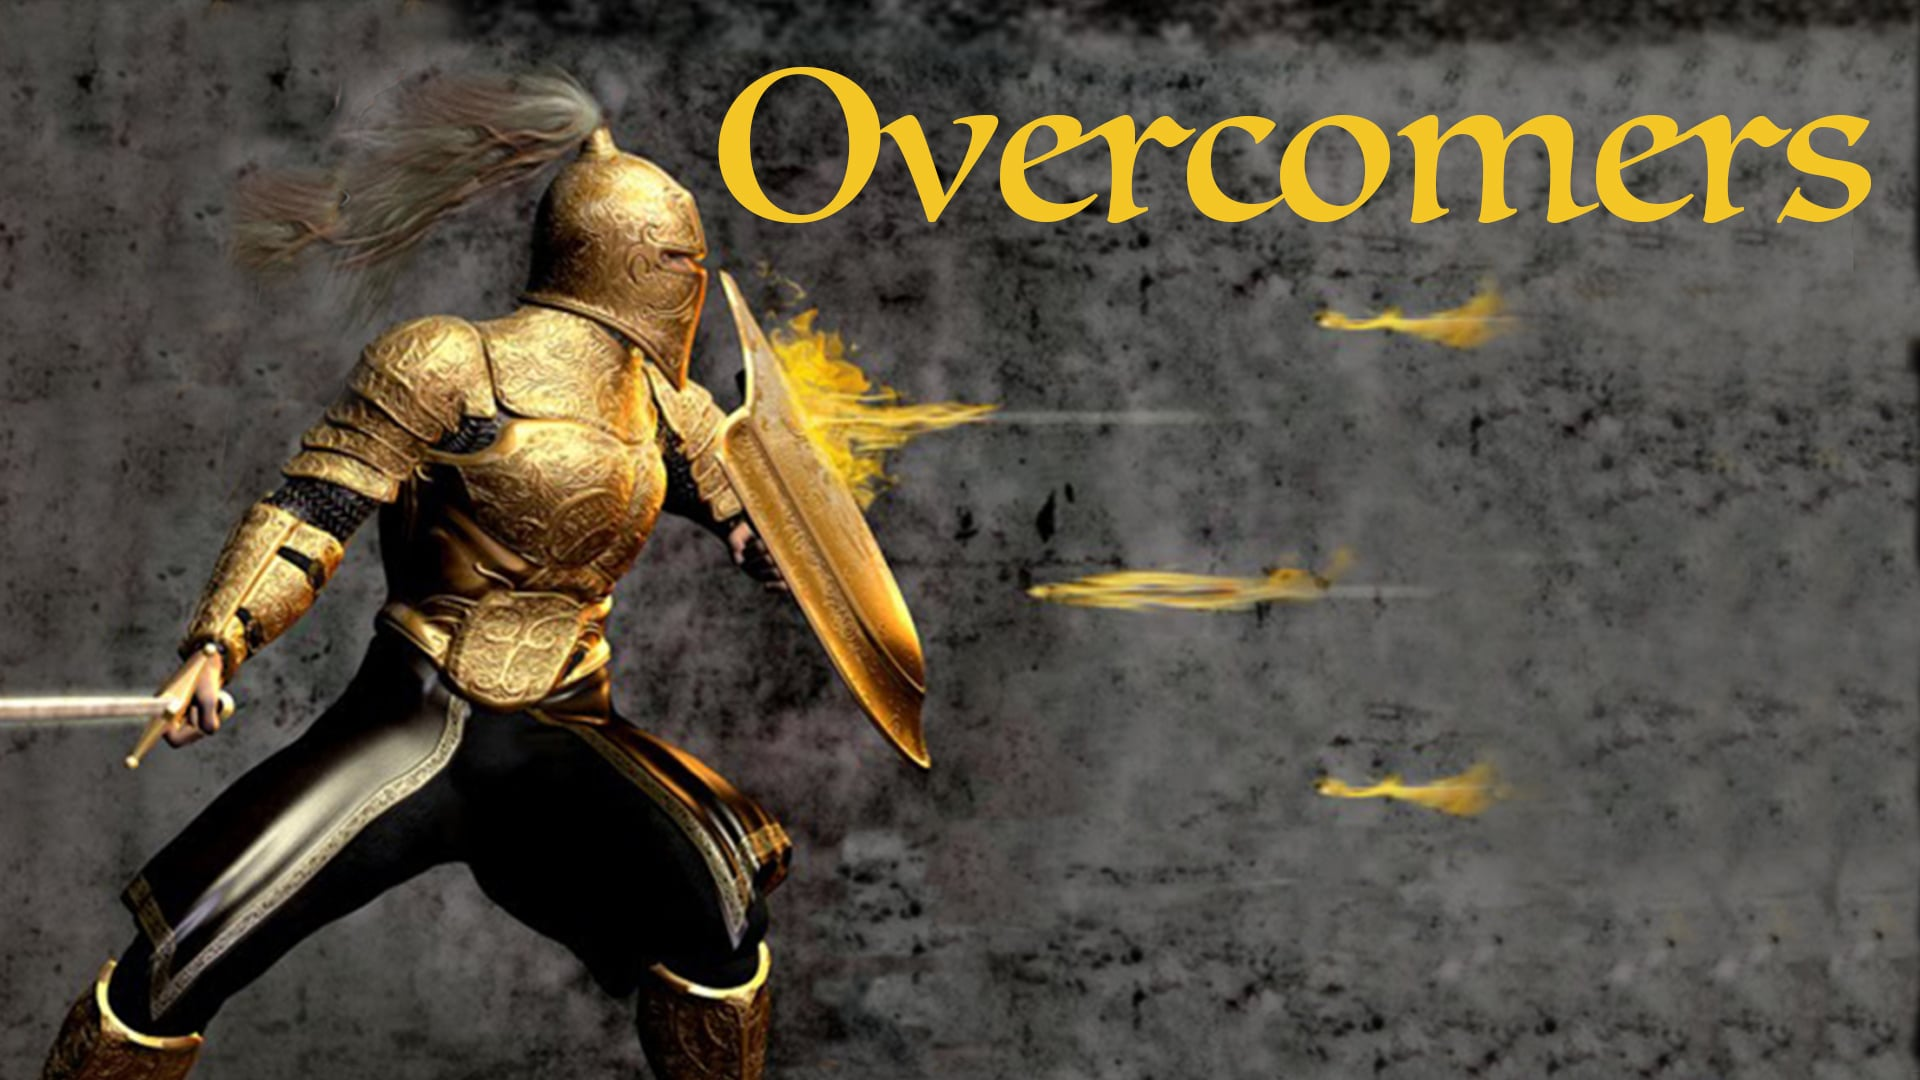 Overcomers - Part 3